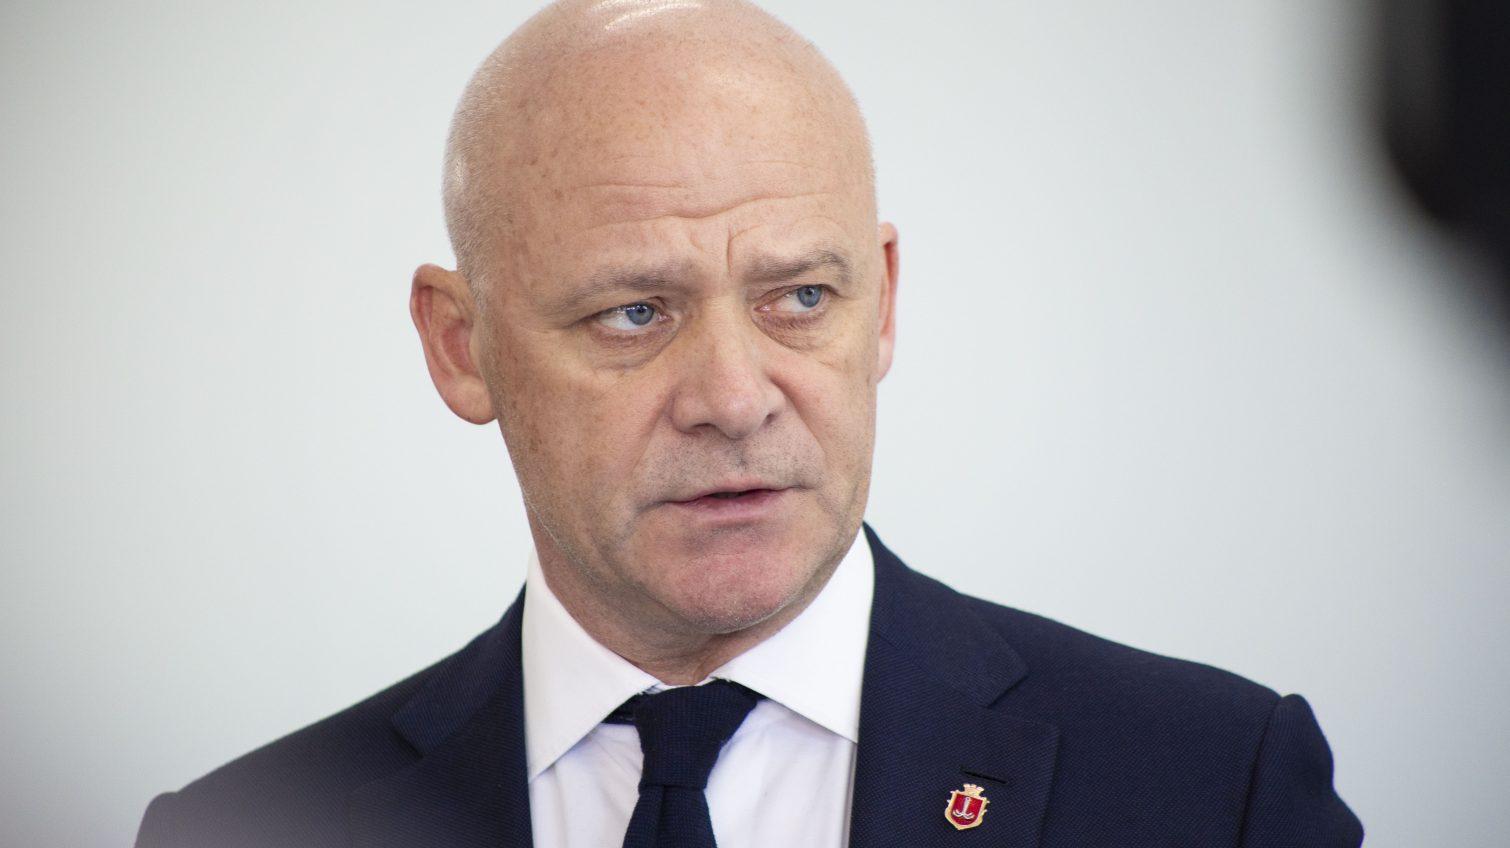 Нет времени на этику: мэр Одессы отказался от встречи с общественниками под предлогом карантина «фото»